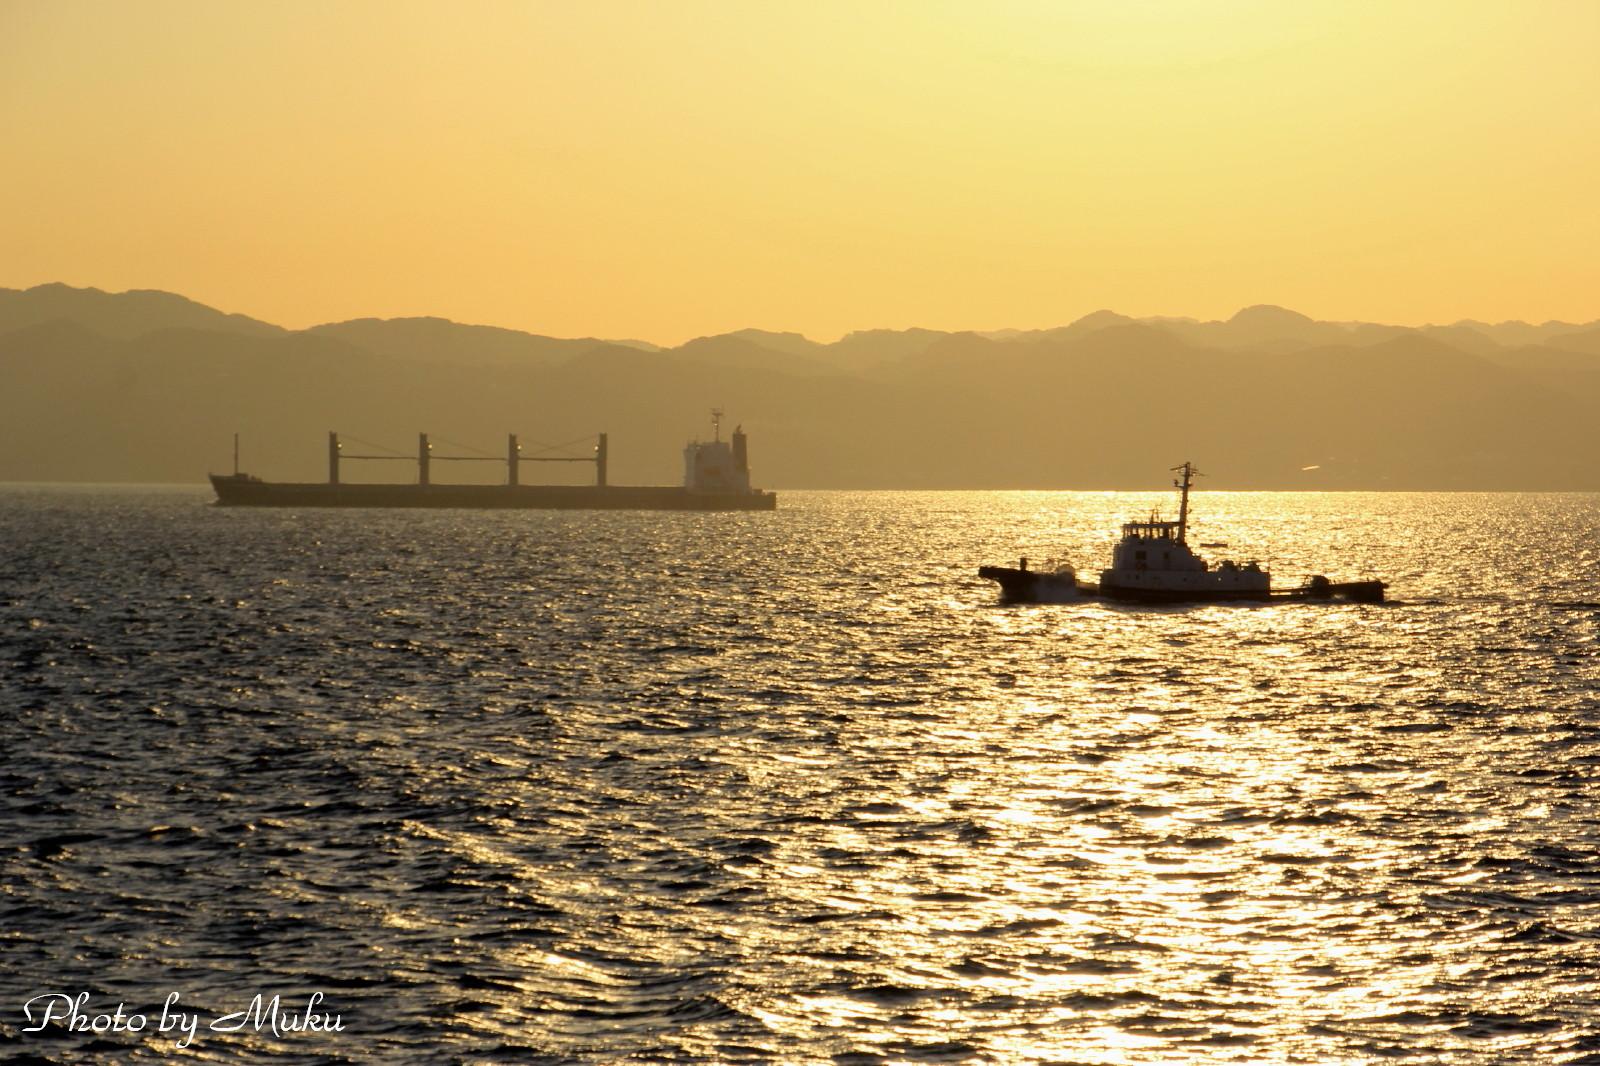 2014.10.29 夜明けの東京湾 (東京湾フェリーから)